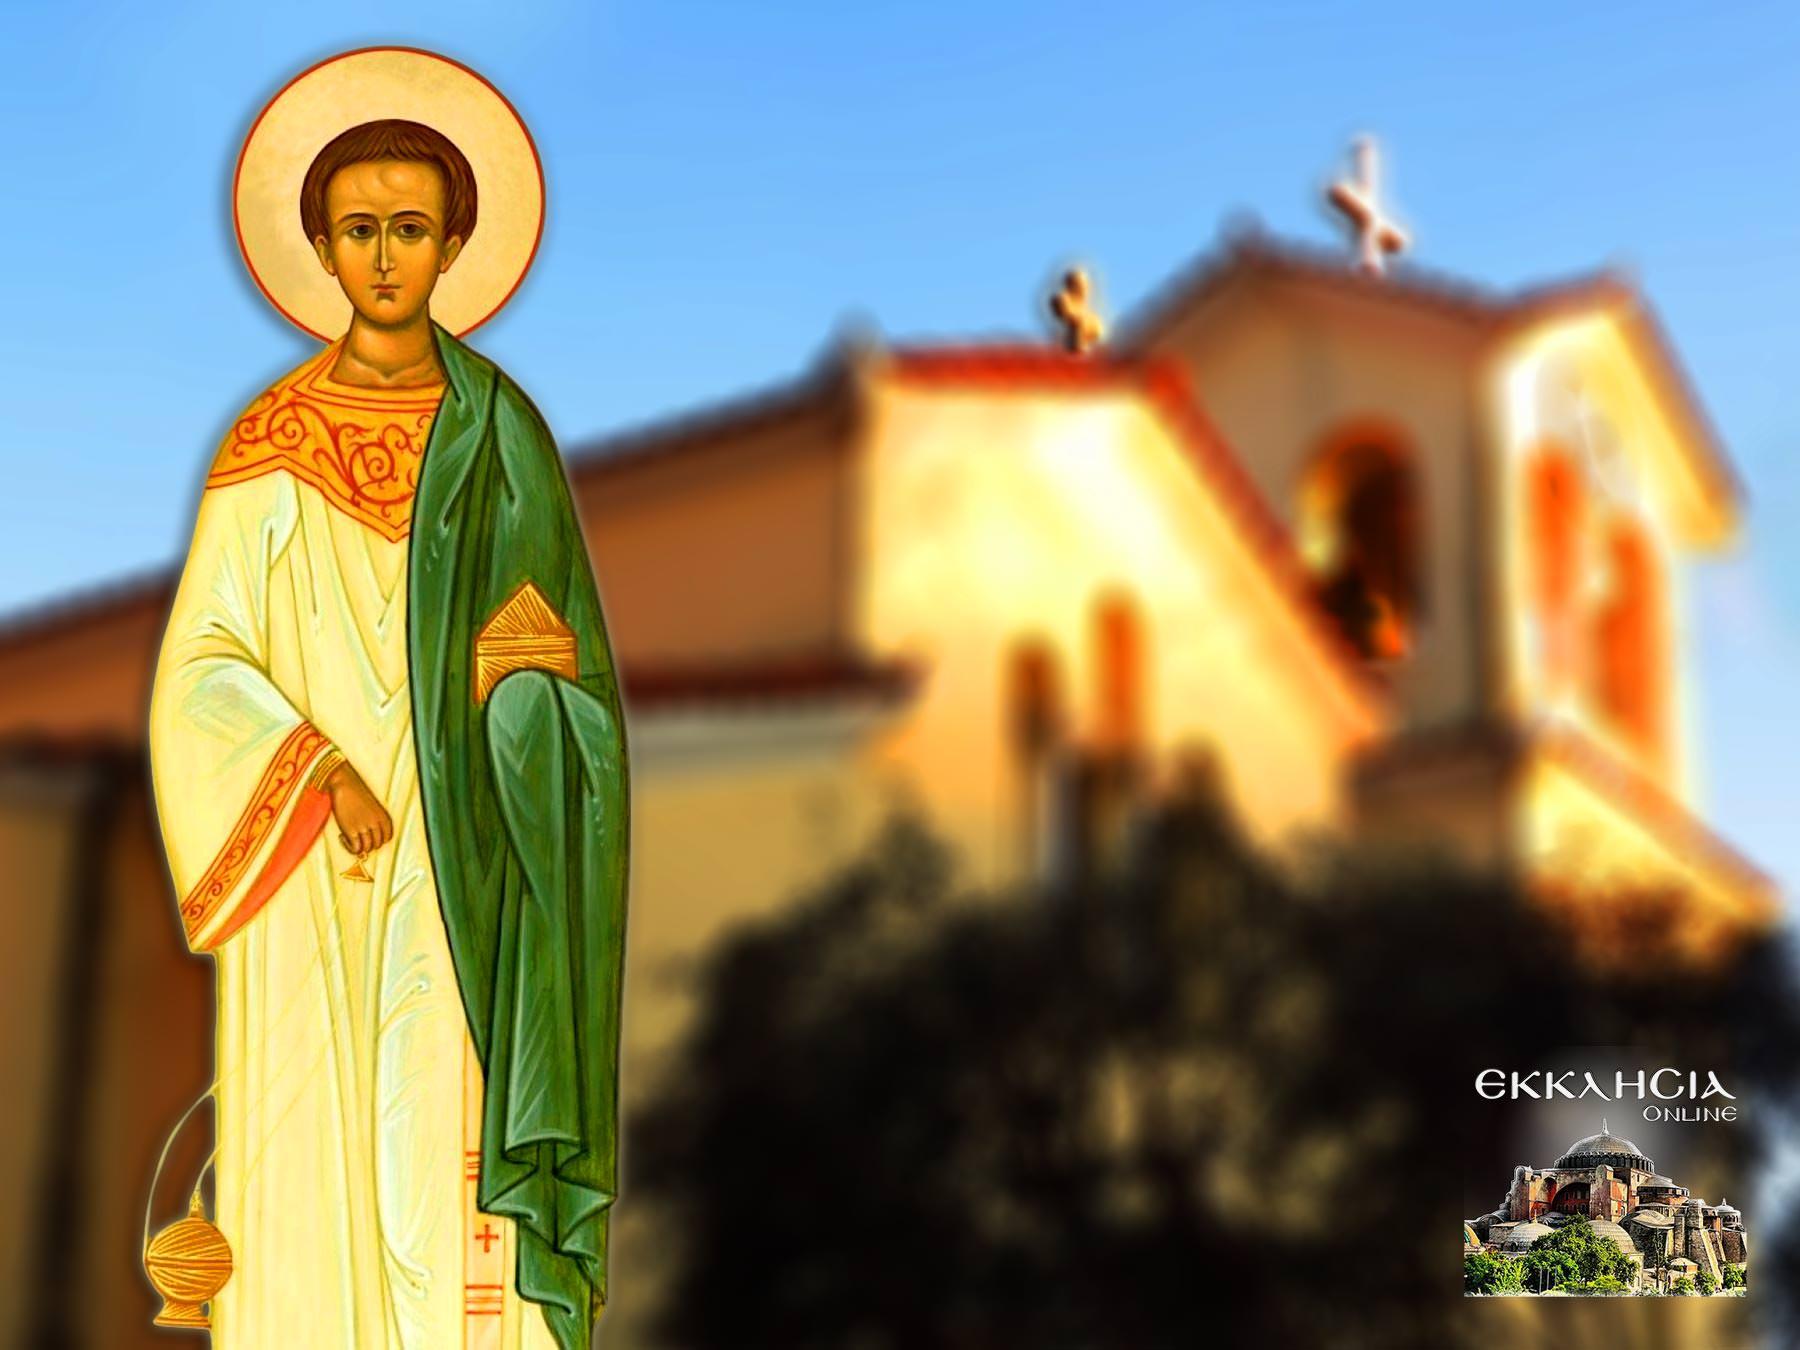 Άγιος Φίλιππος ο Απόστολος 11 Οκτωβρίου